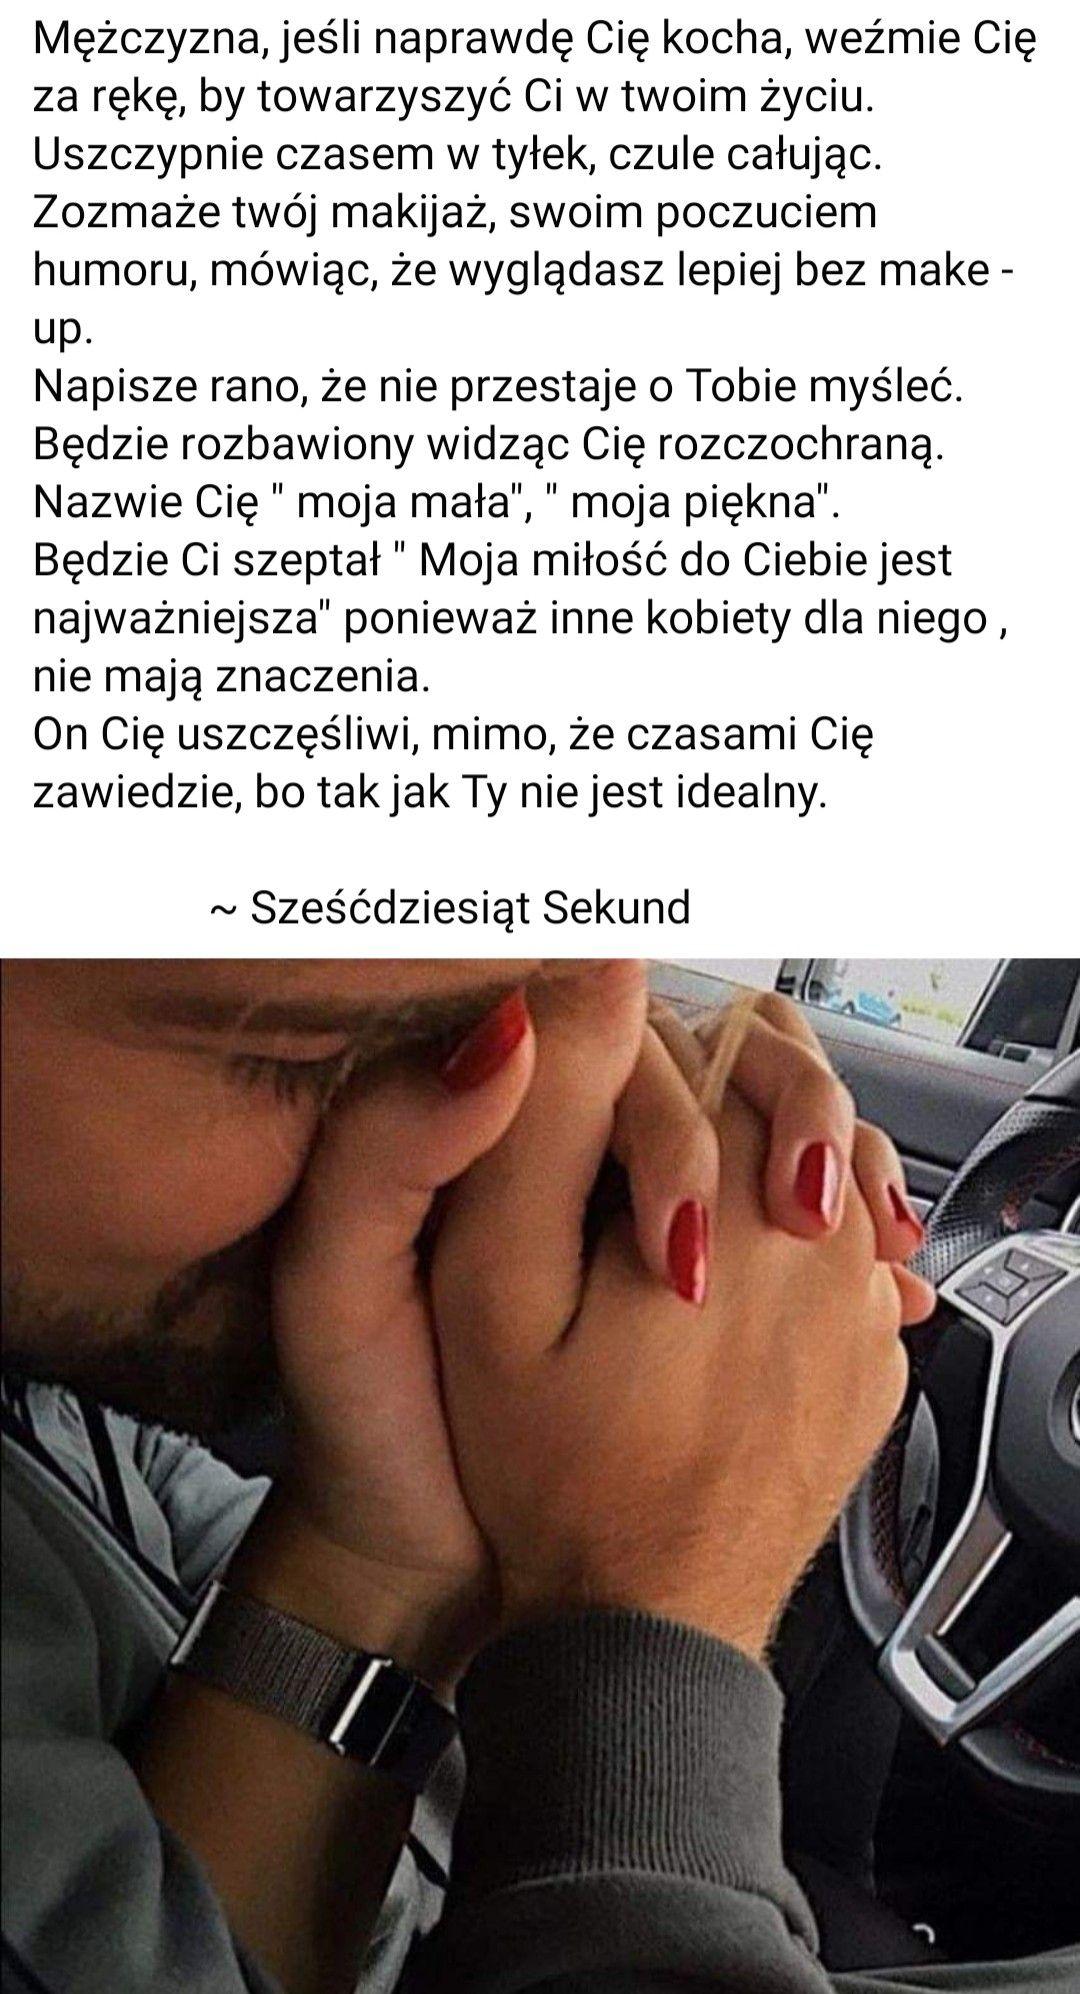 Pin By Dominika On Cytaty I Wiersze In 2020 Cytaty Zyciowe Wesole Cytaty Prawdziwe Cytaty